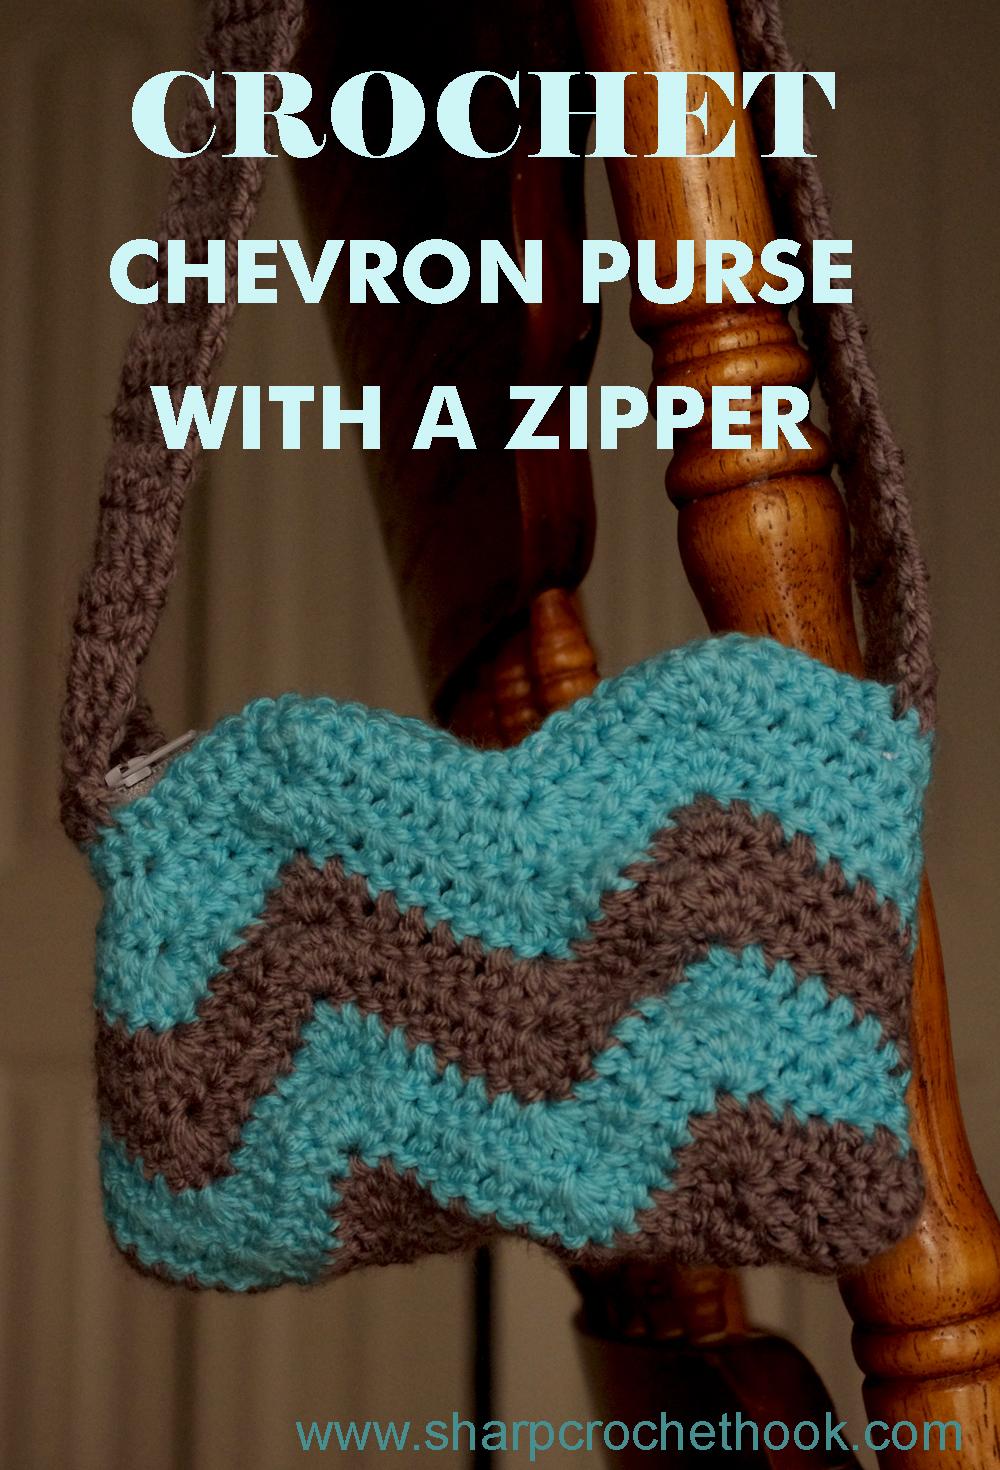 Sharp crochet hook free crochet pattern chevron purse with a zipper bankloansurffo Gallery